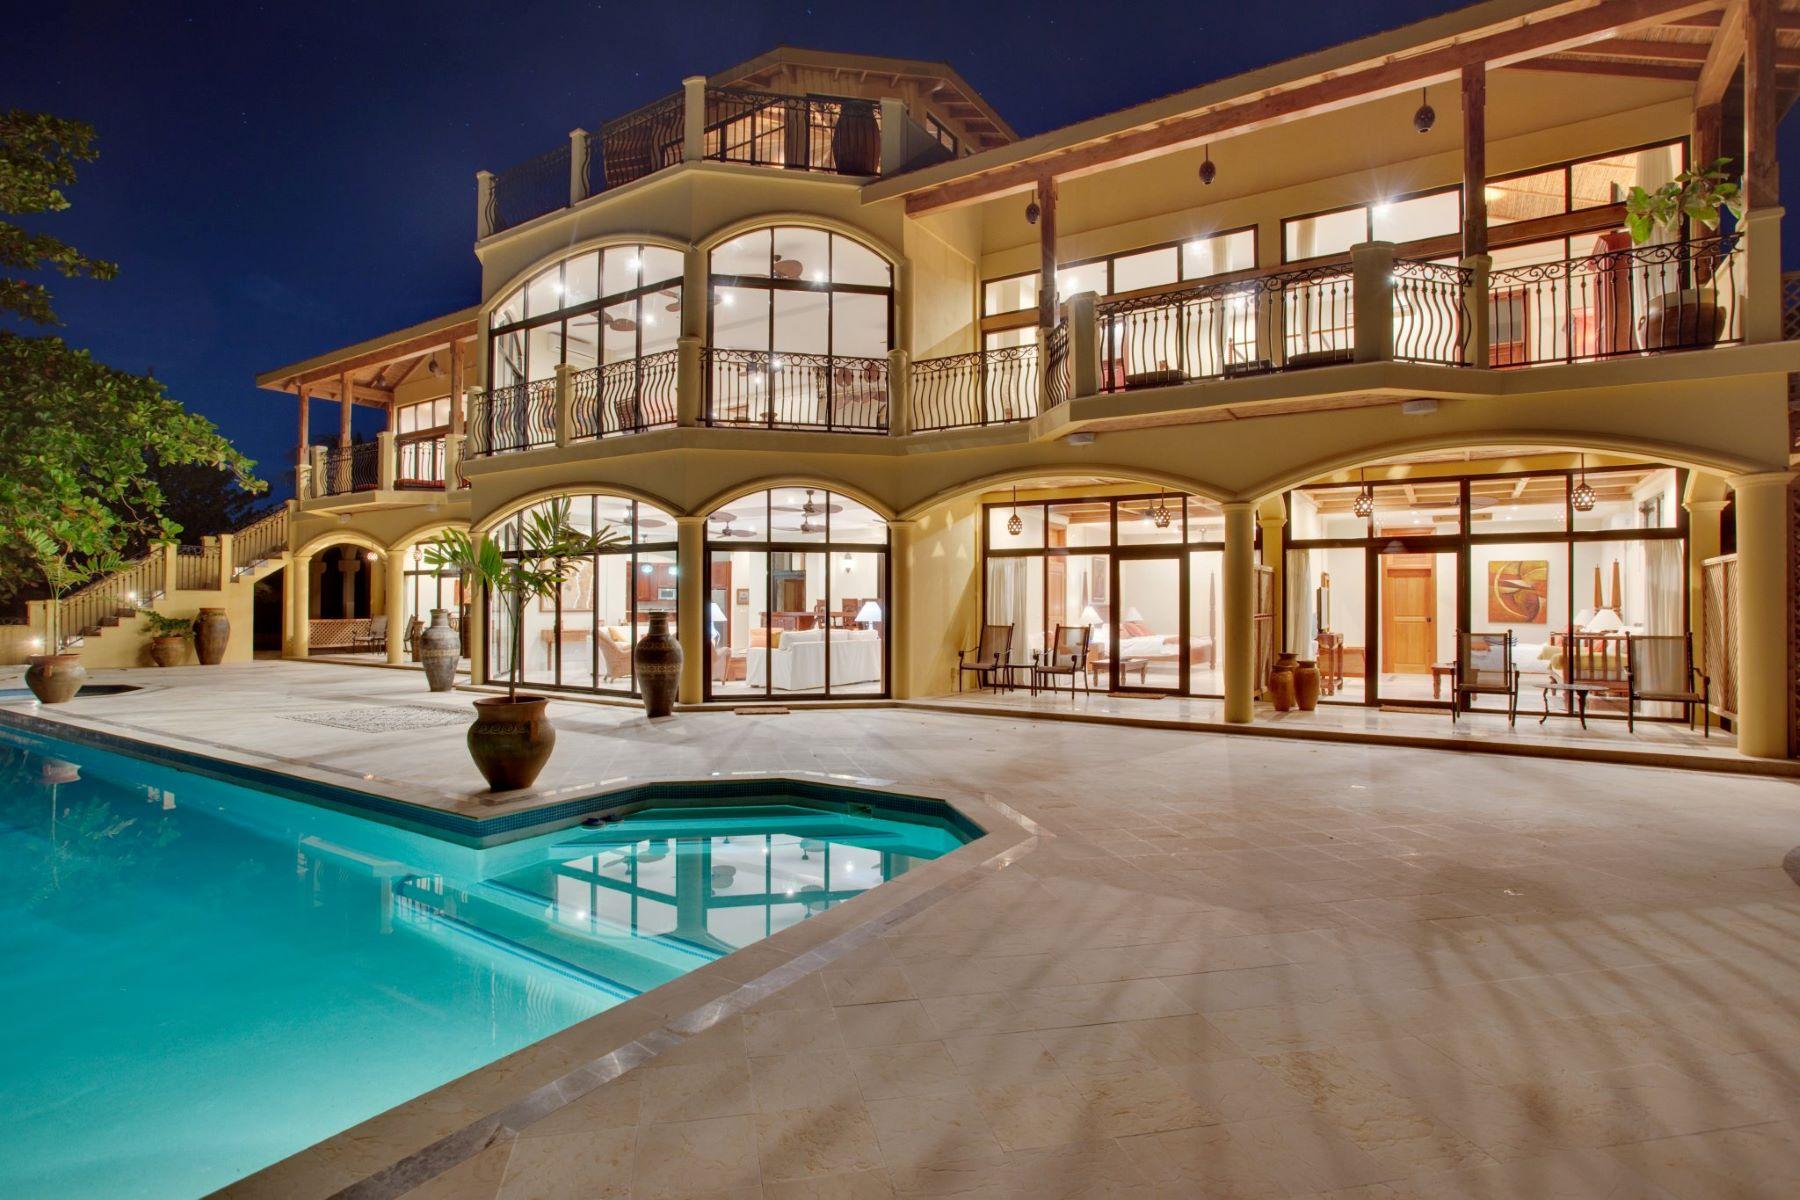 多户住宅 为 销售 在 Hopkins Luxury Beach Villa 伯利兹其他地方, 伯利兹